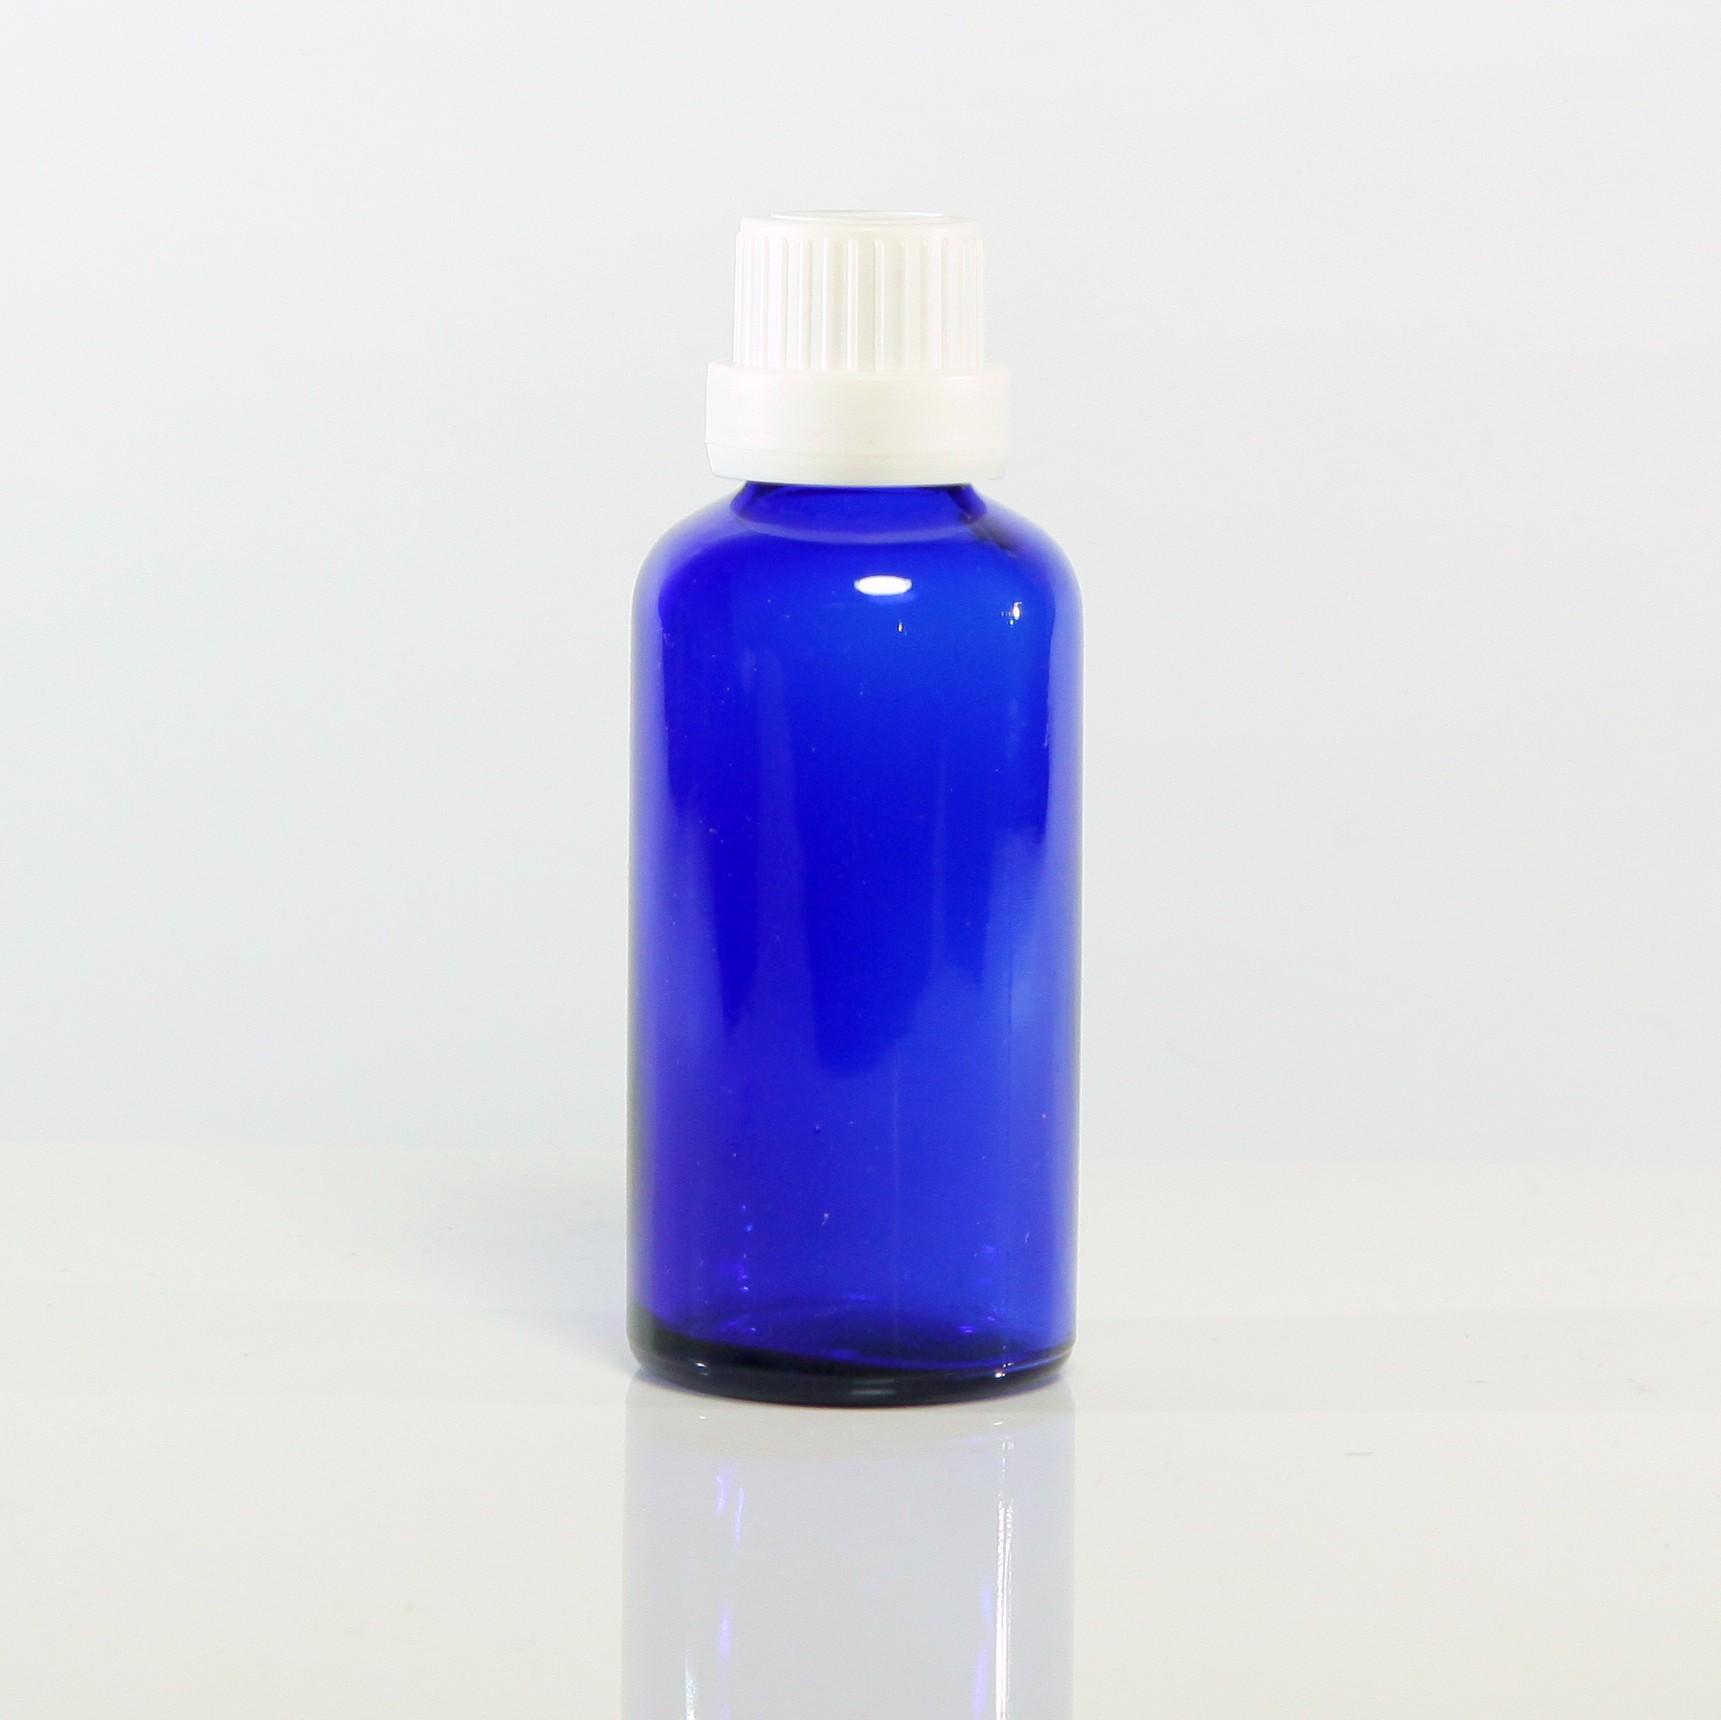 進口精油瓶(藍)50ml